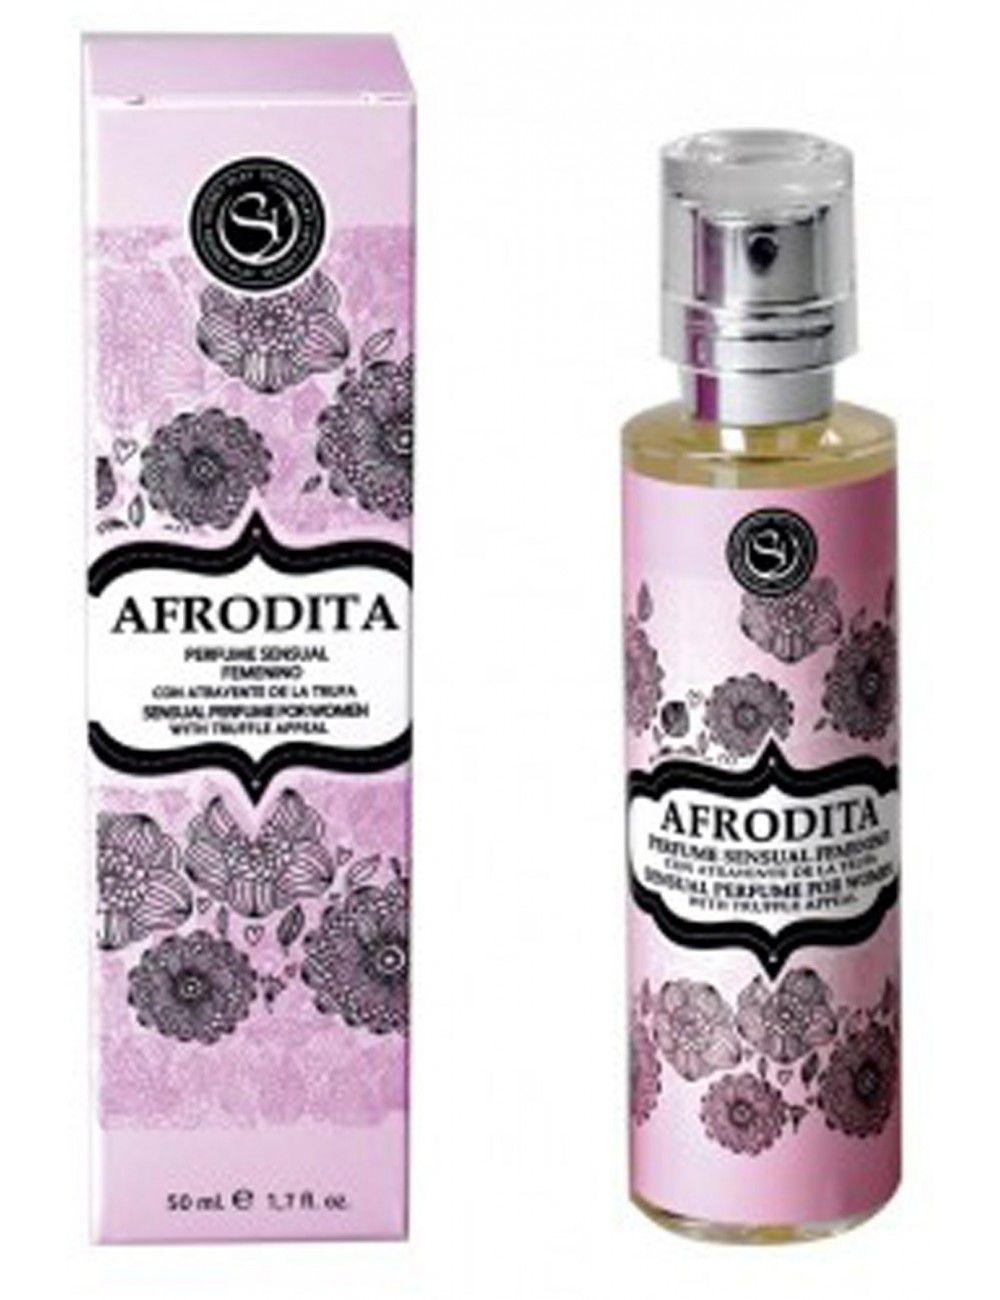 Parfum aux phéromones femme Afrodita SECRET PLAY